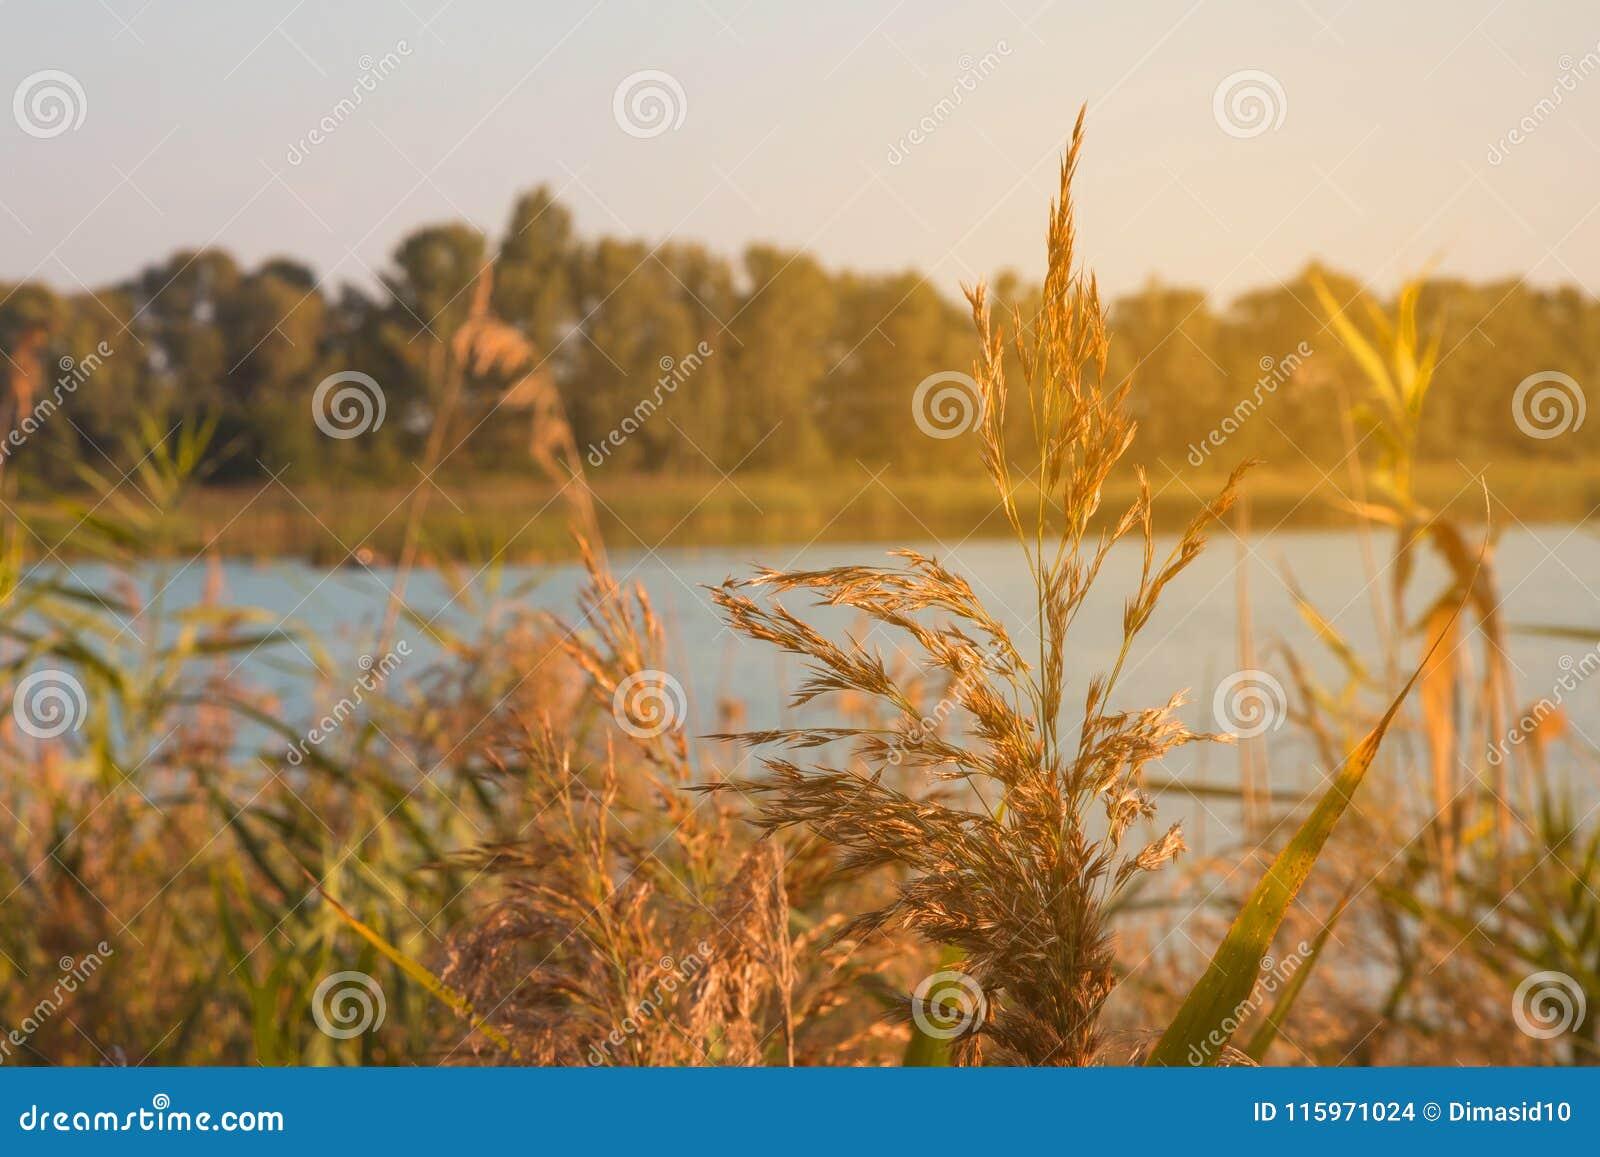 Κάλαμοι κοντά σε έναν ποταμό στον ήλιο στο ηλιοβασίλεμα